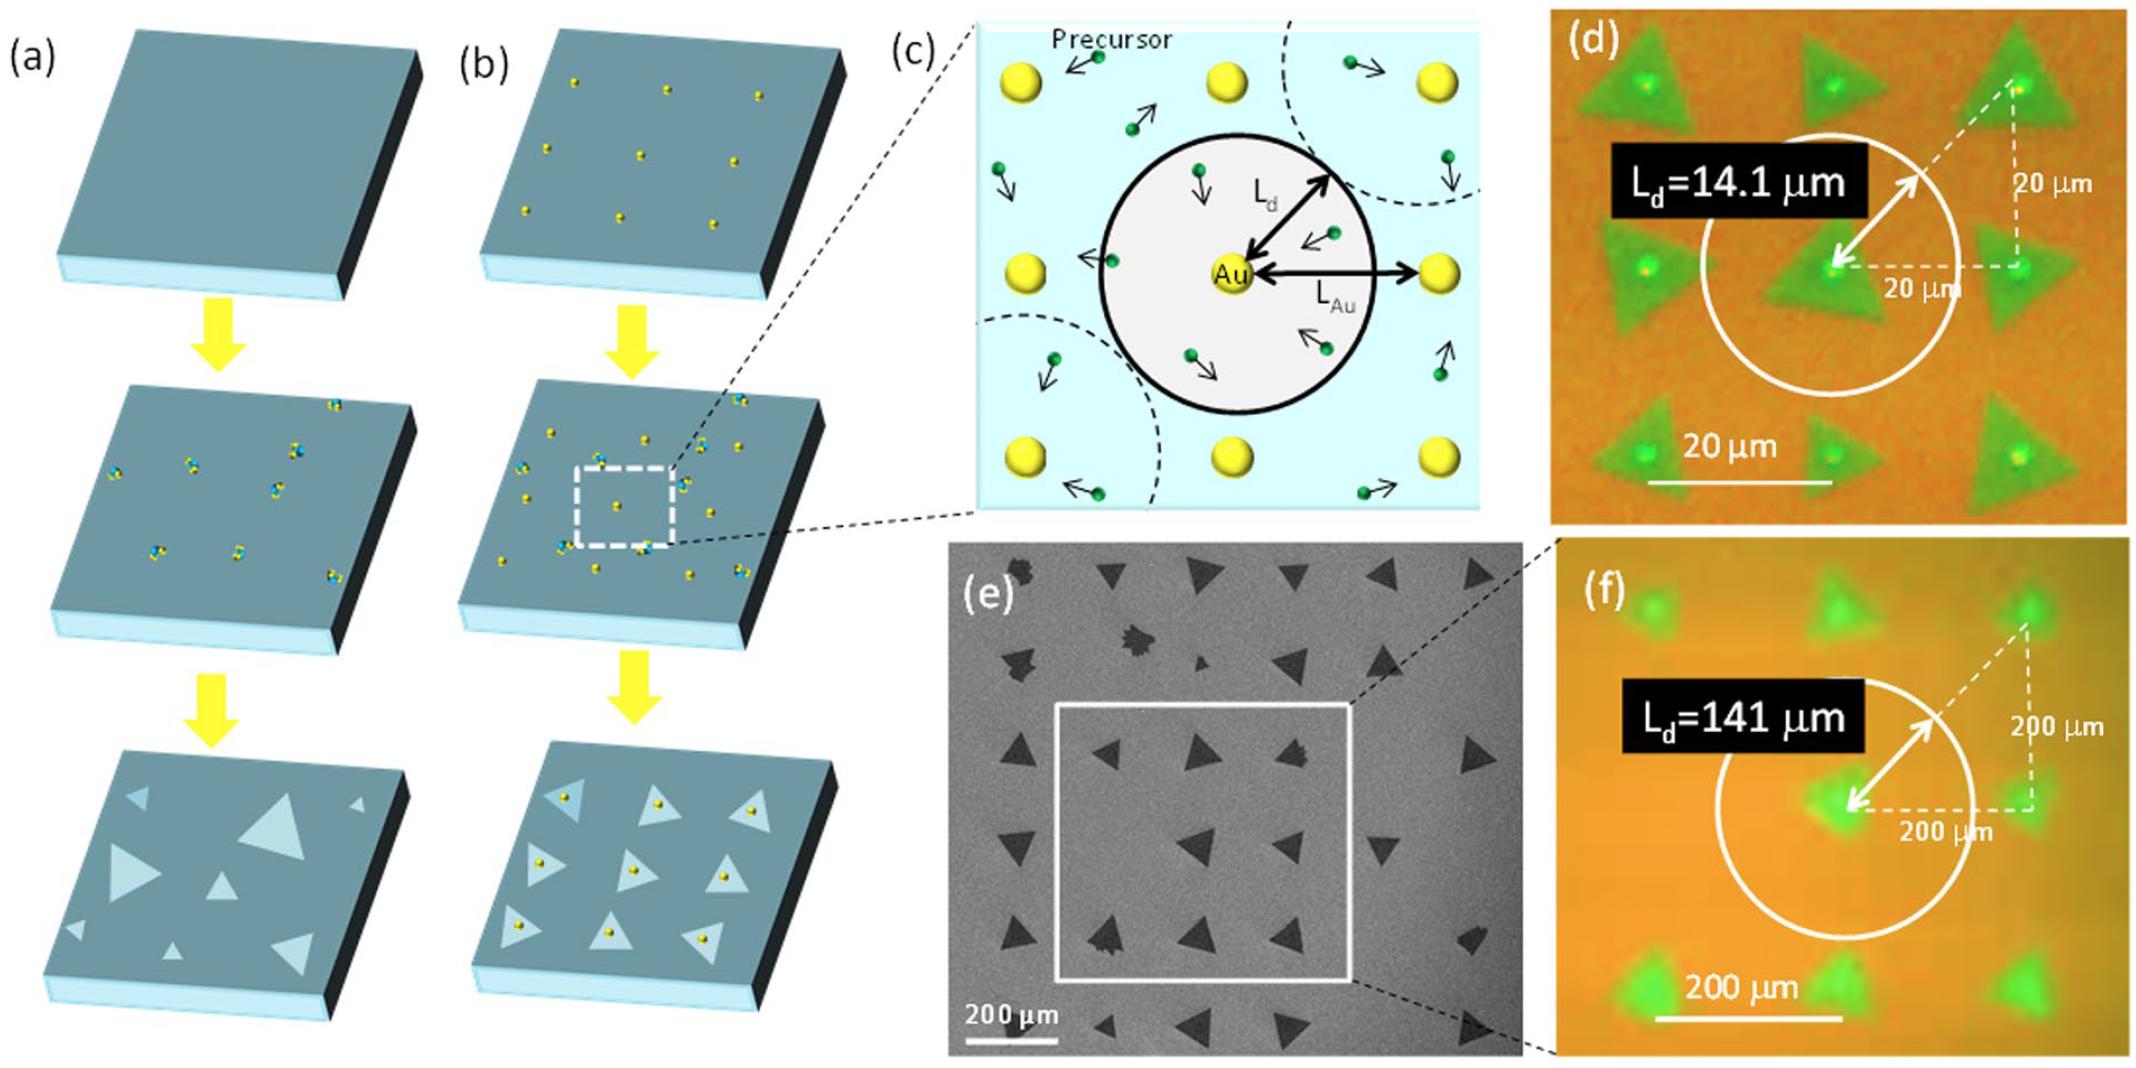 Дихалькогениды переходных металлов: раскрытие секретов динамики роста кристаллов WS2 - 2